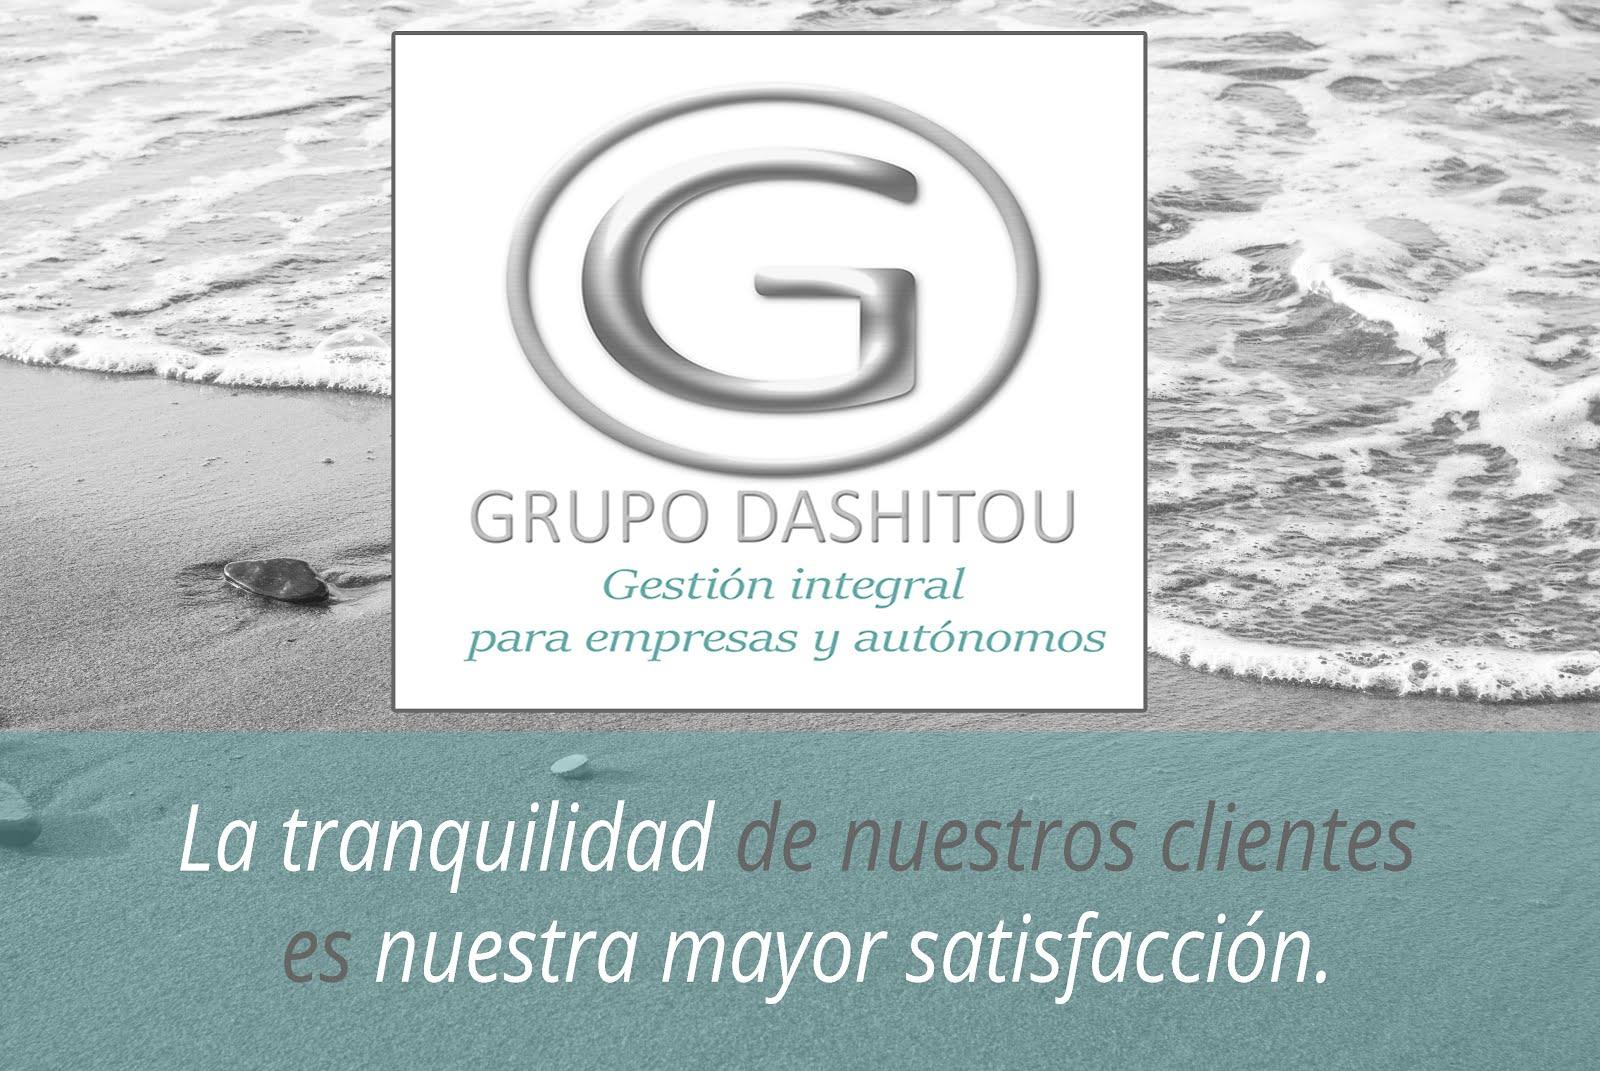 Grupo Dashitou